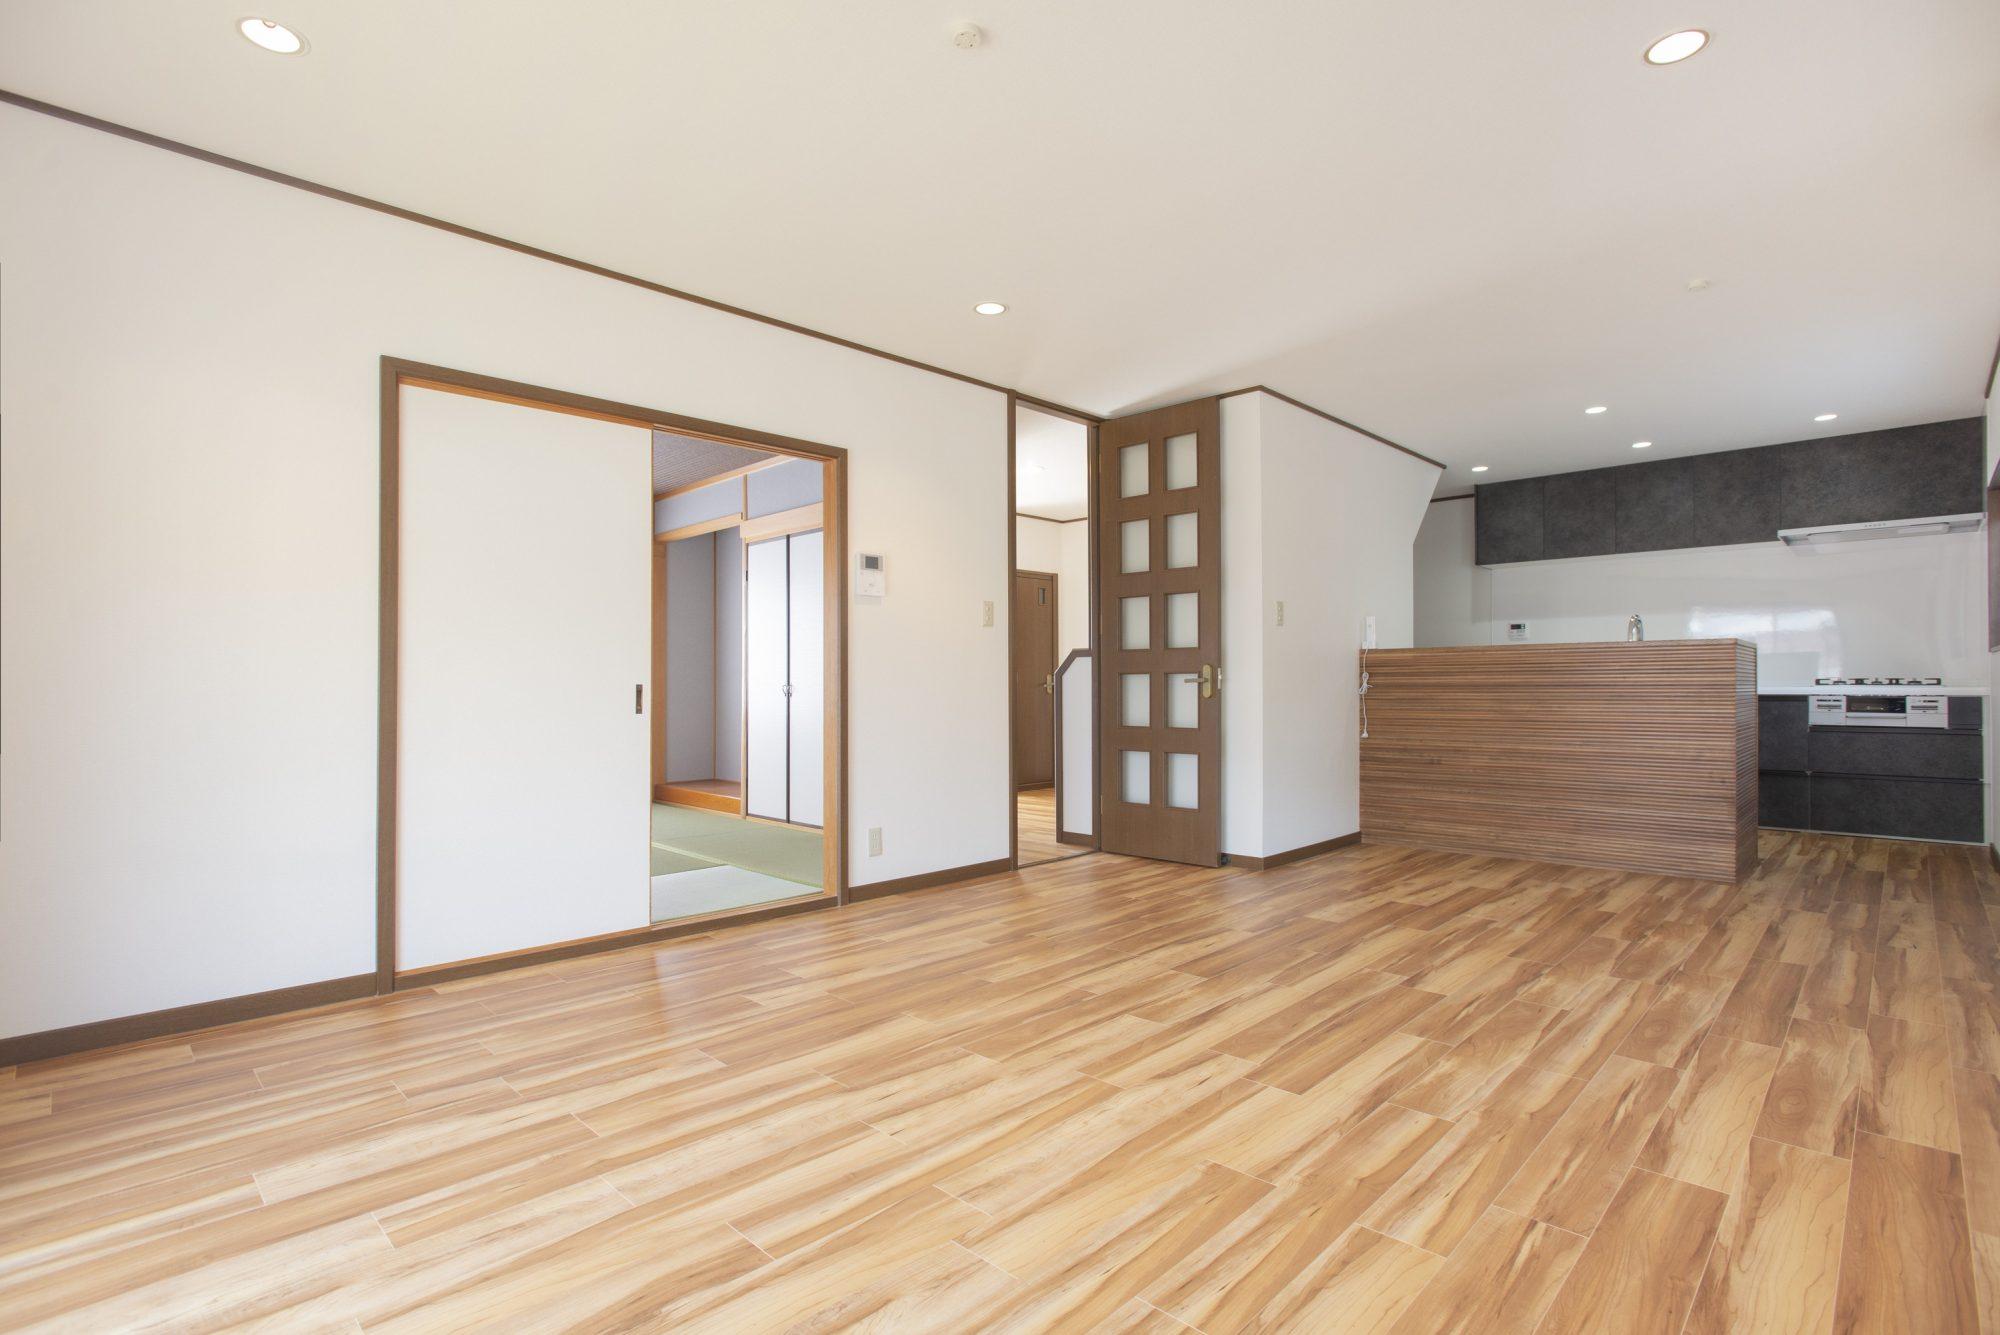 17.5帖ものLDK。LDK横には玄関からも出入り可能な2アクセス和室あり!